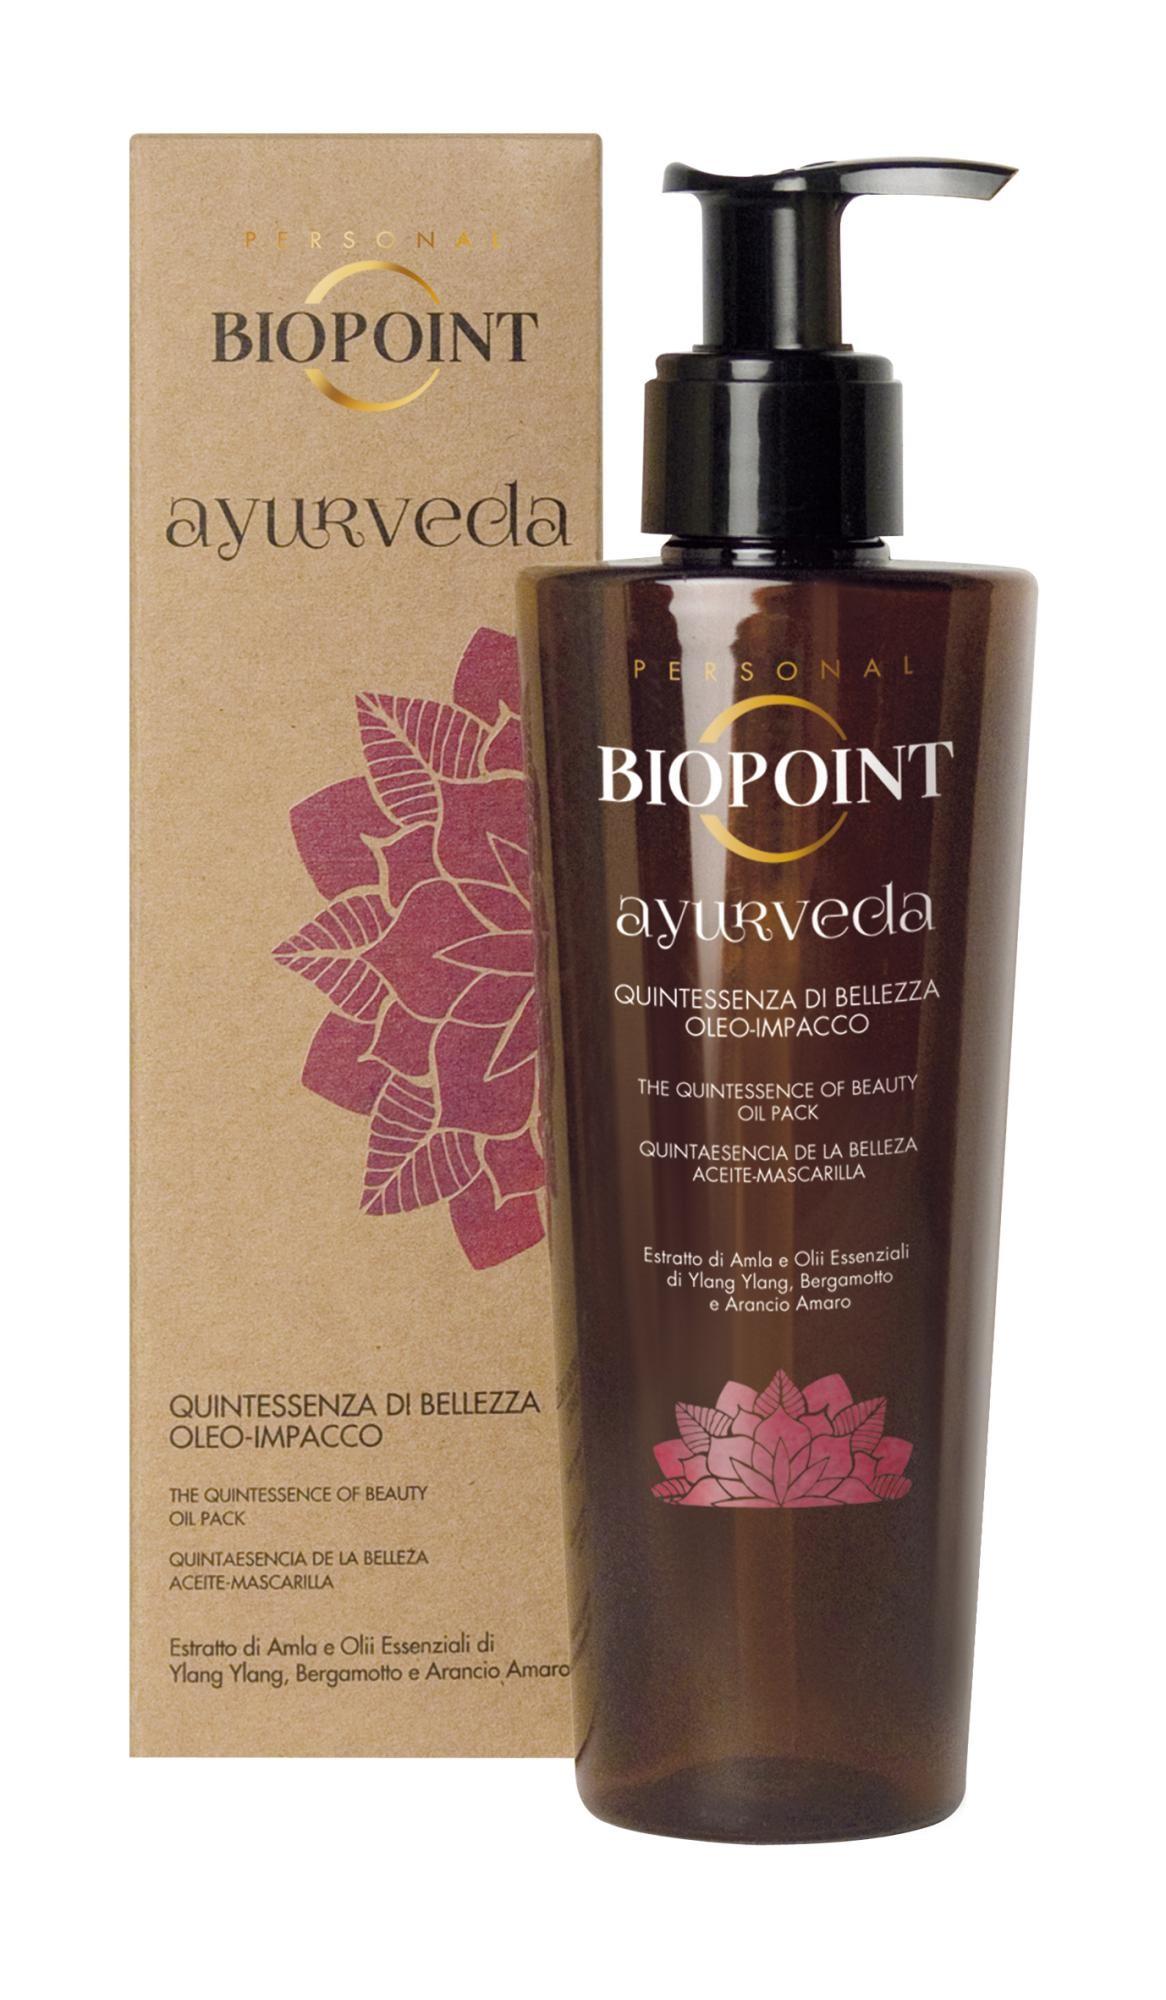 Biopoint PV01216 olio per capelli 150 ml